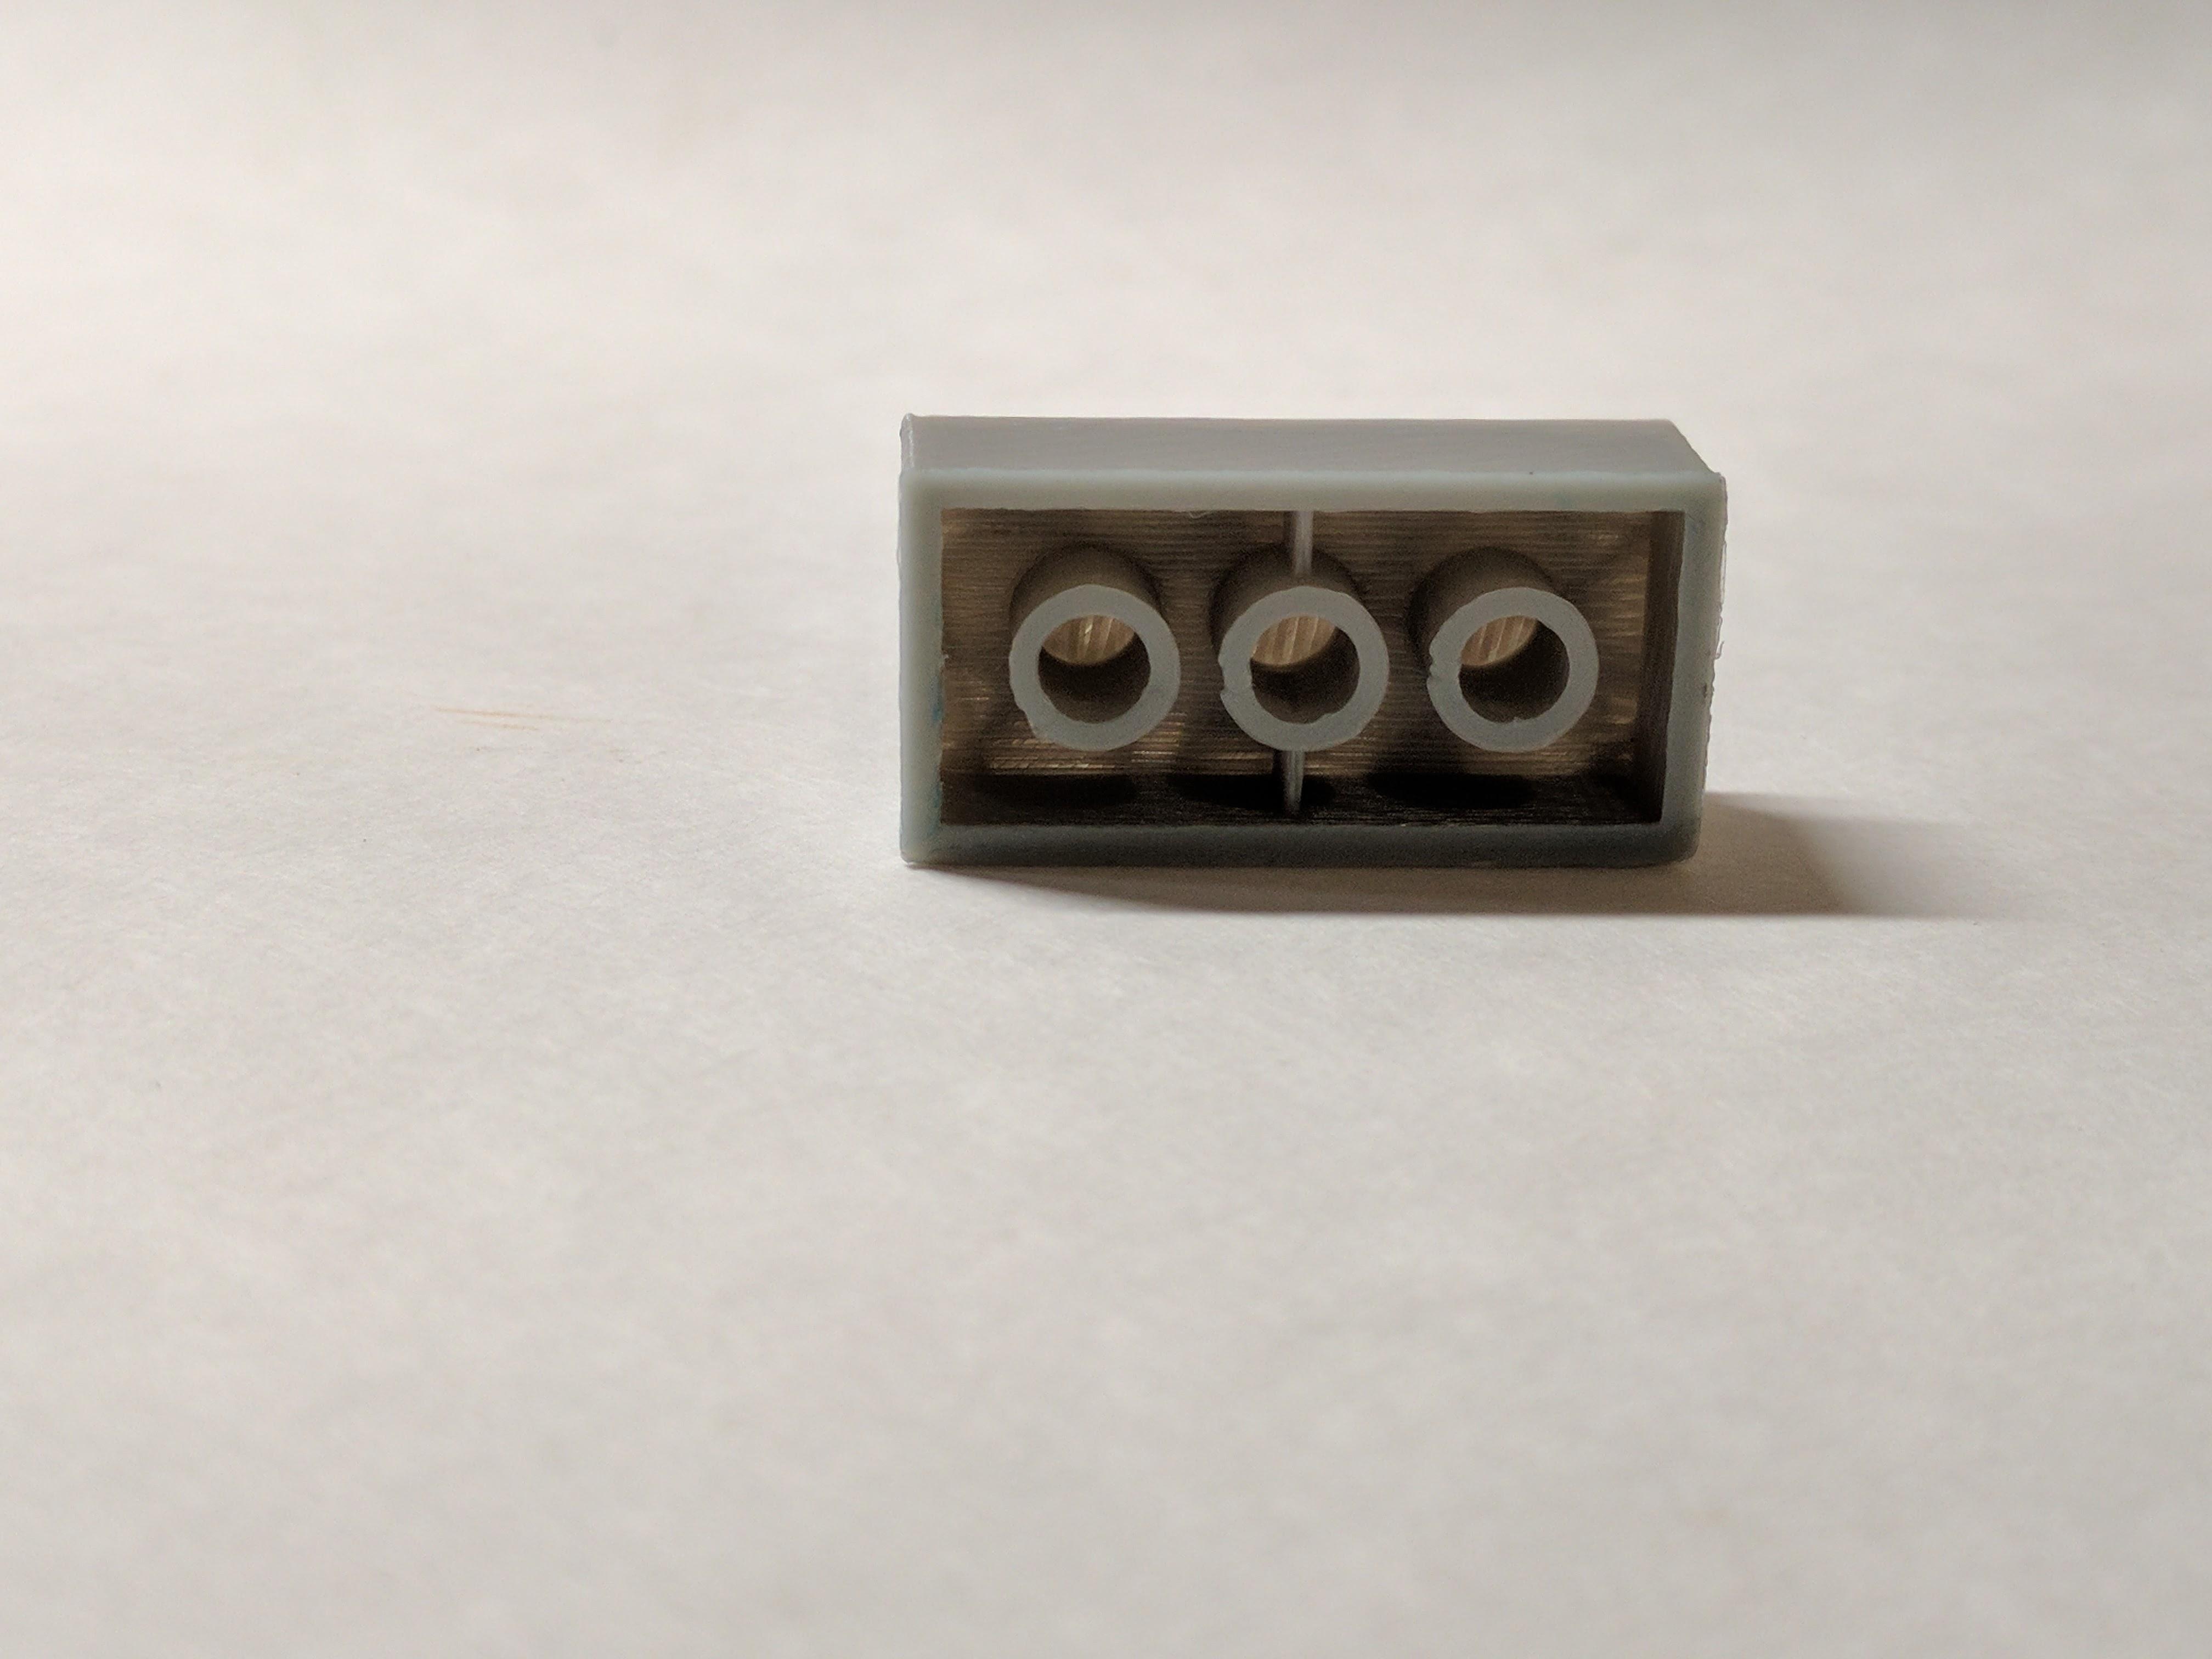 LEGO Block image